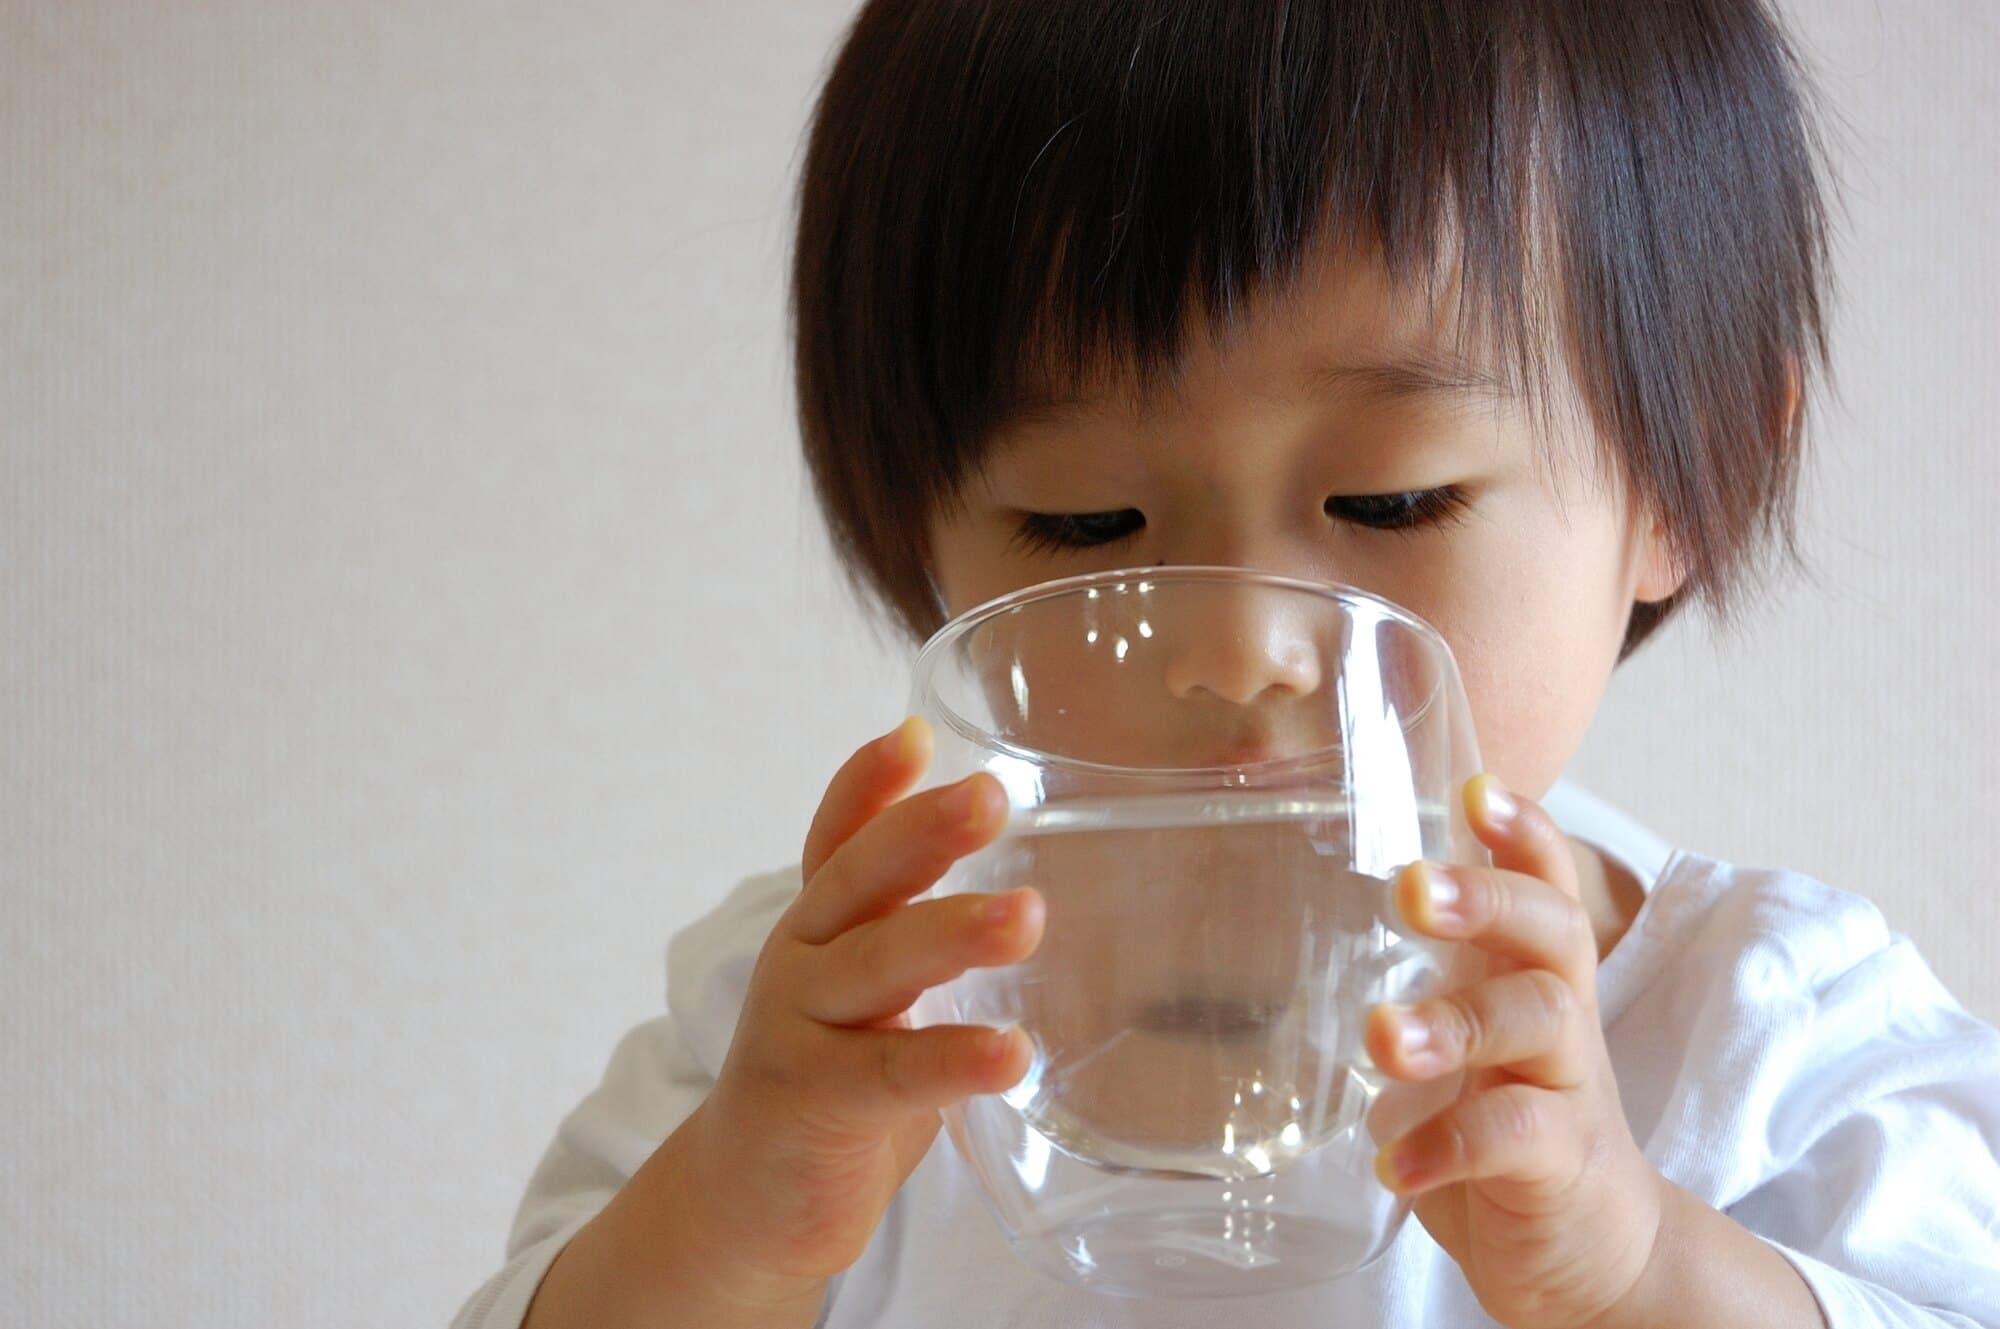 授乳中、妊娠中も気にせず水道水を飲んでも平気?